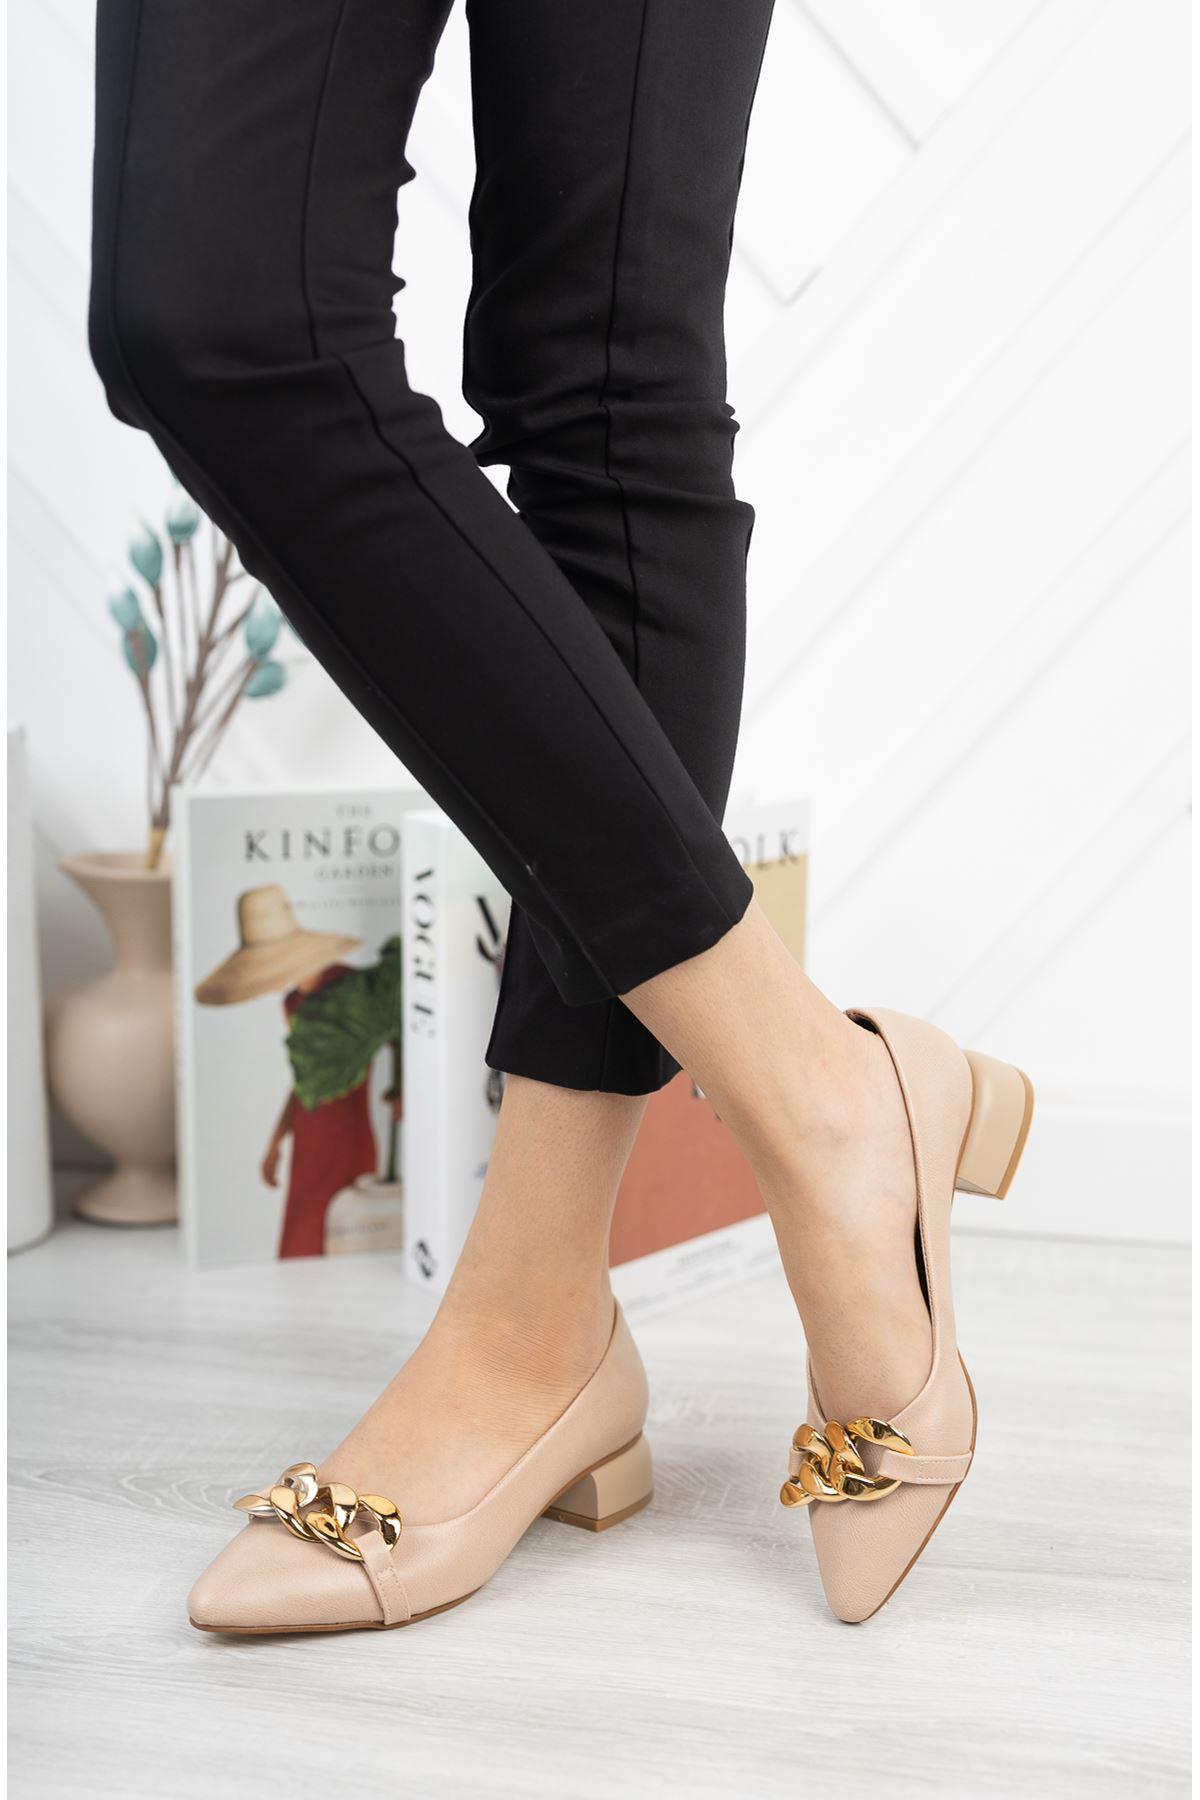 Bej Zincir Aksesuarlı Klasik Topuklu Ayakkabı